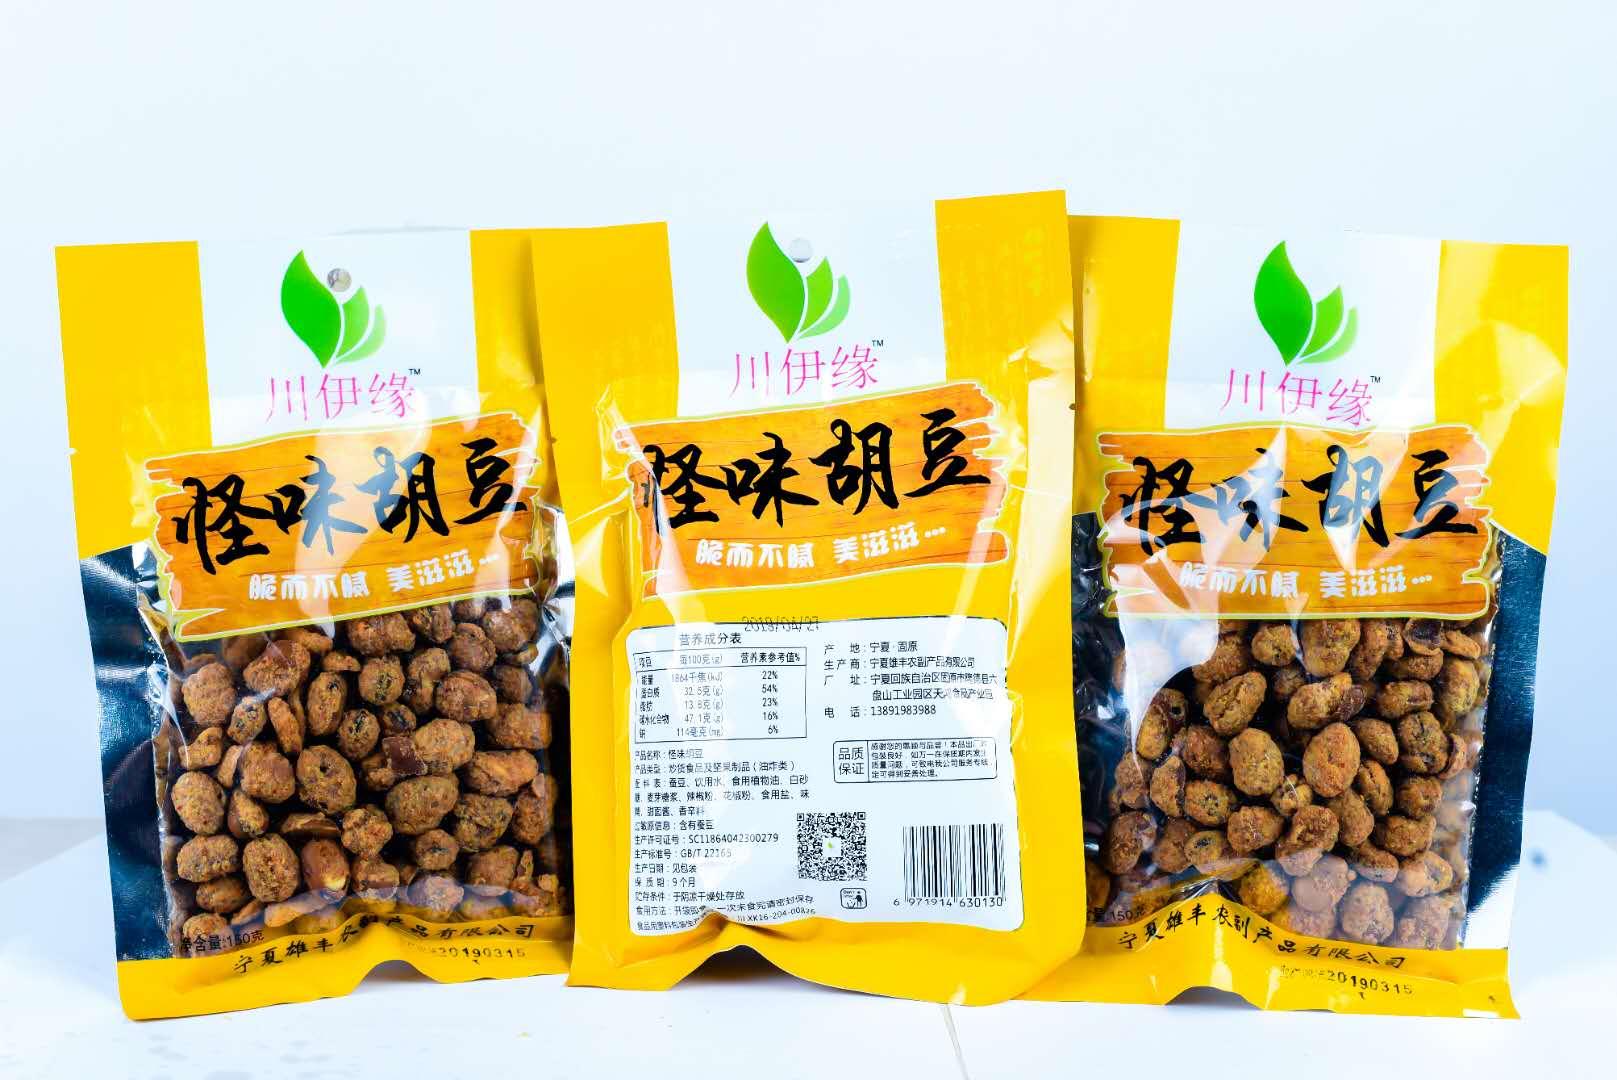 重庆特产怪味胡豆零食蚕豆花生豆兰花豆炒货休闲麻辣零食包邮